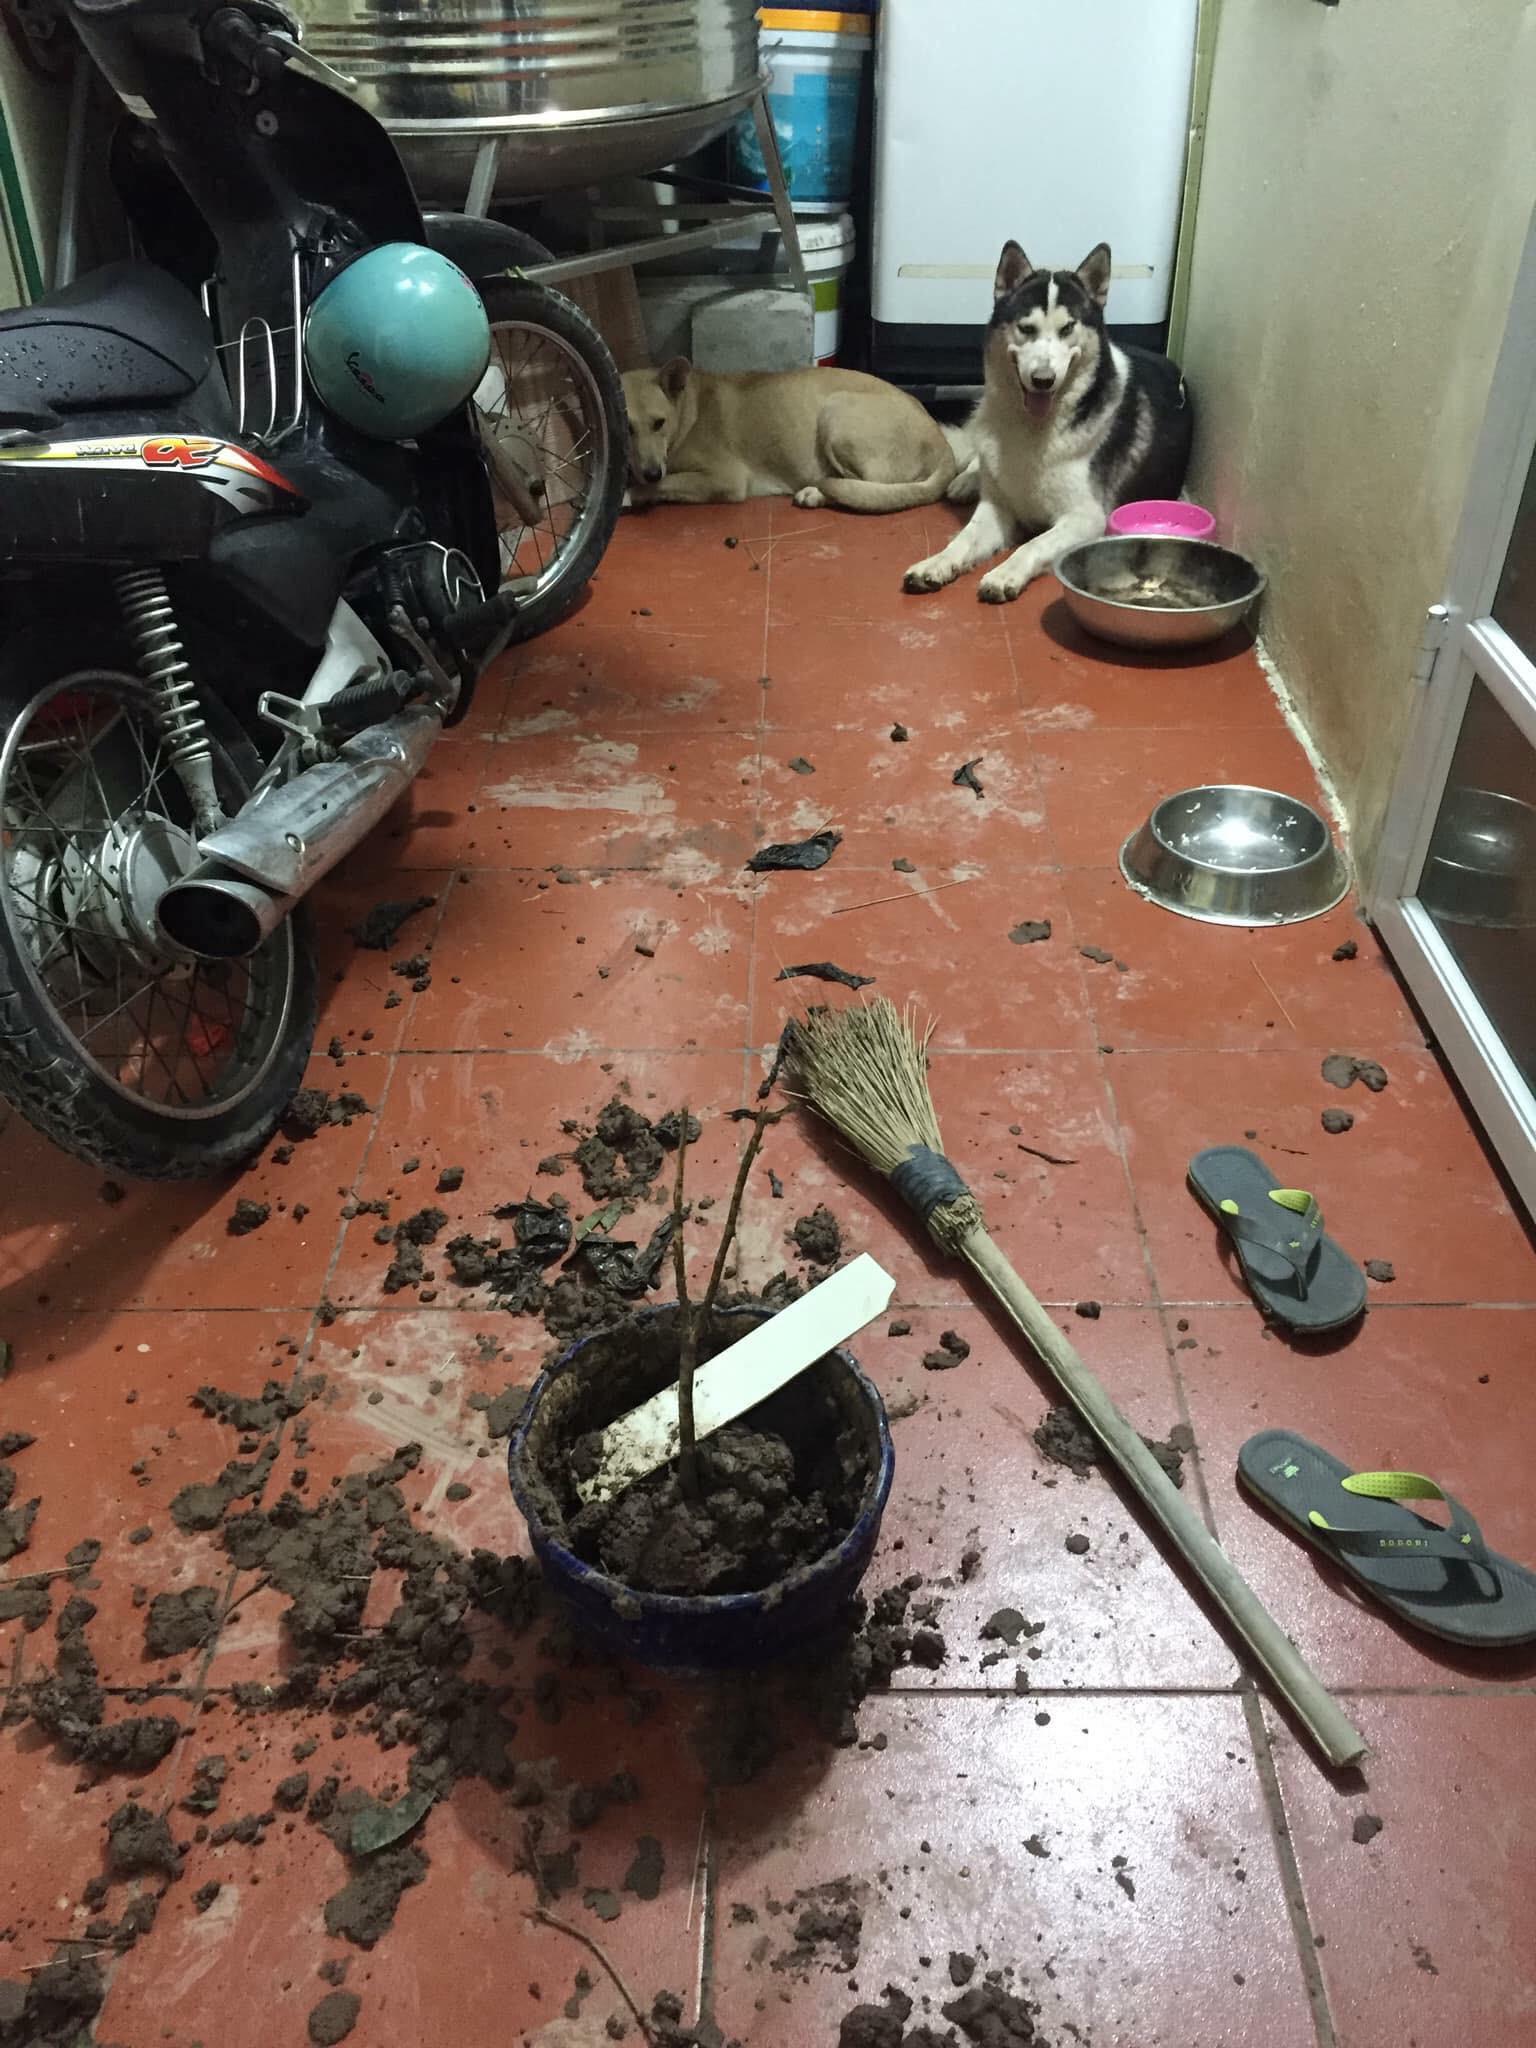 Cơn ác mộng mang tên nuôi boss ngáo: Hứng lên là phá tan tành nhà cửa không cần biết đúng sai - Ảnh 1.